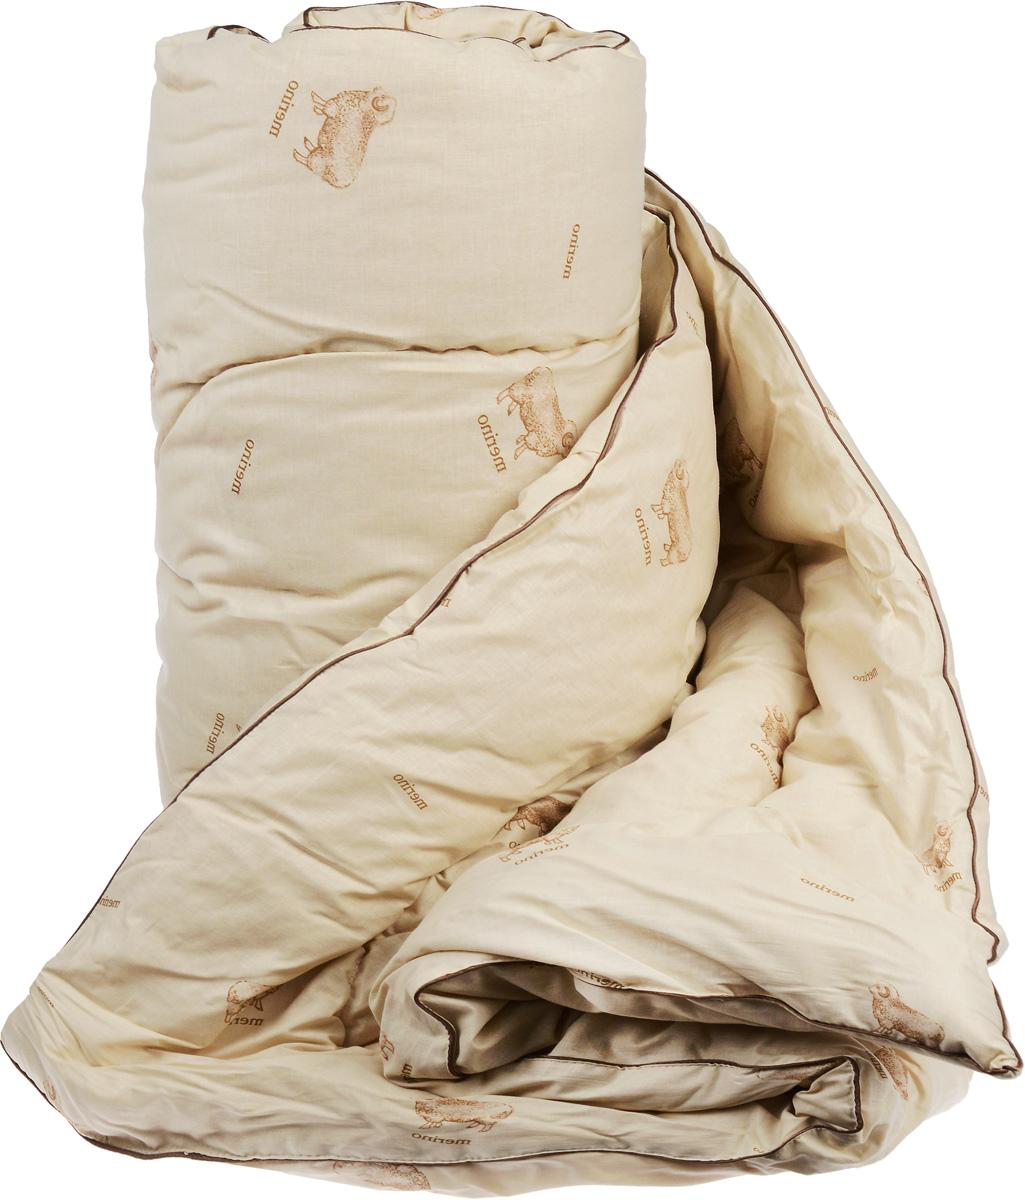 Одеяло теплое Легкие сны Полли, наполнитель: овечья шерсть, 200 x 220 см одеяла легкие сны одеяло перси теплое 172х205 см